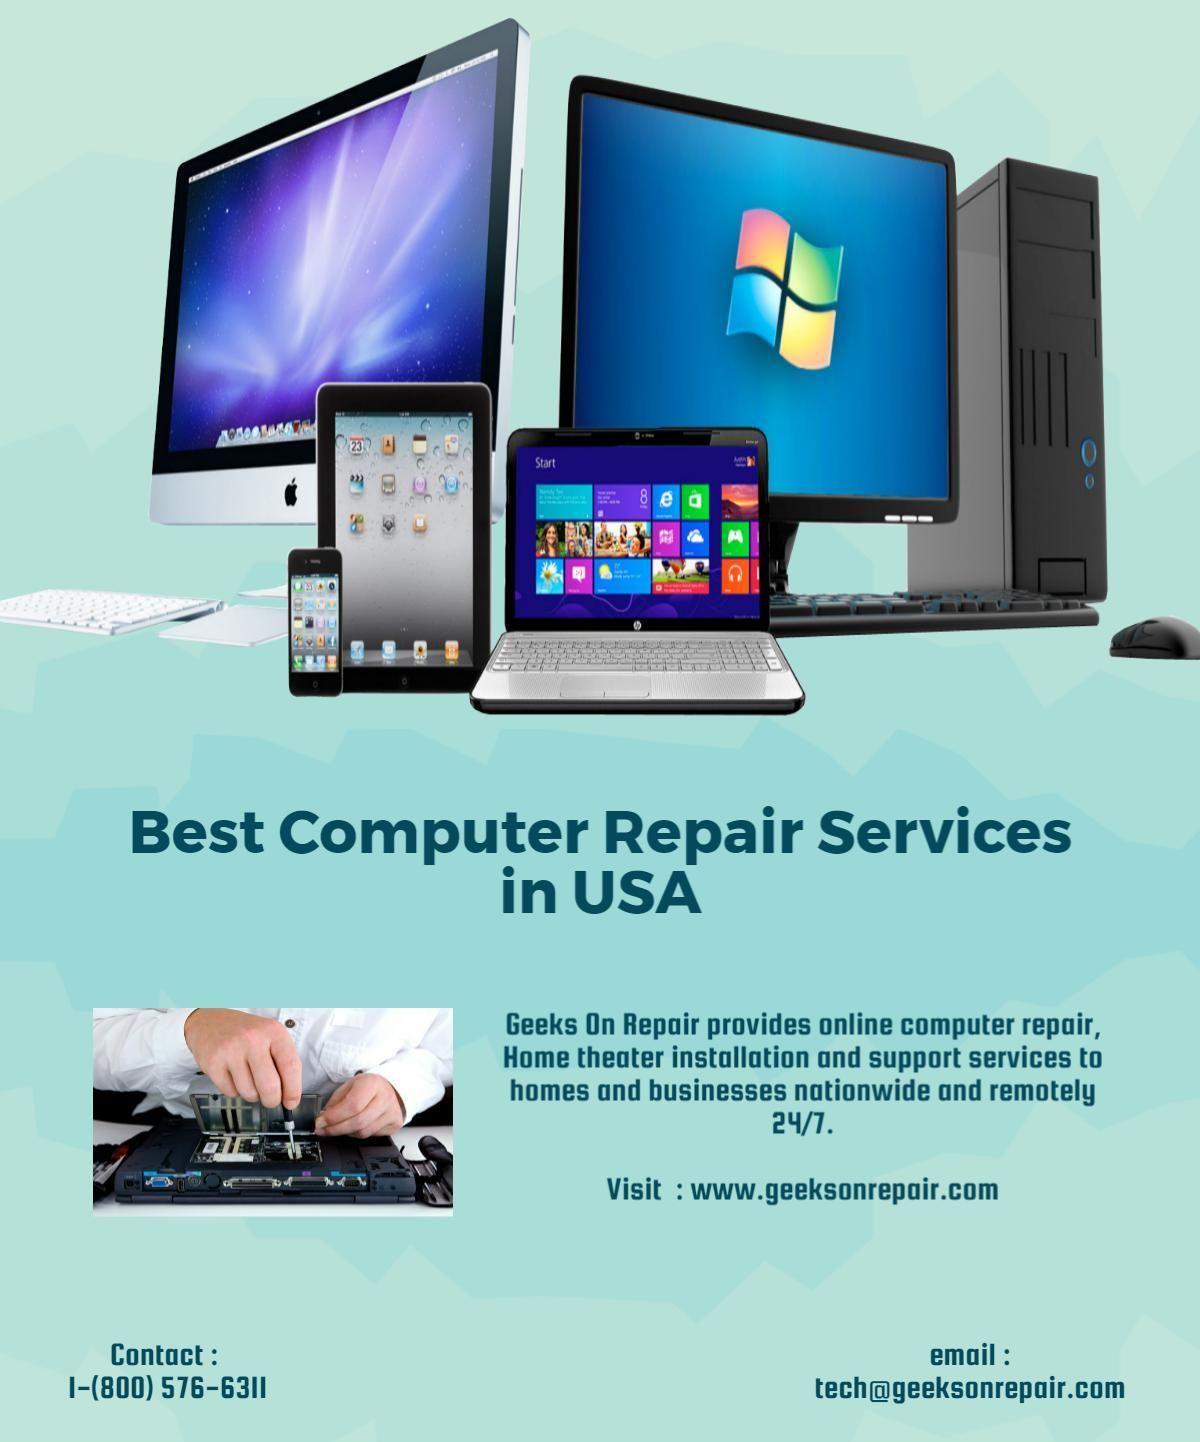 Geeks On Repair provides online computer repair, Home